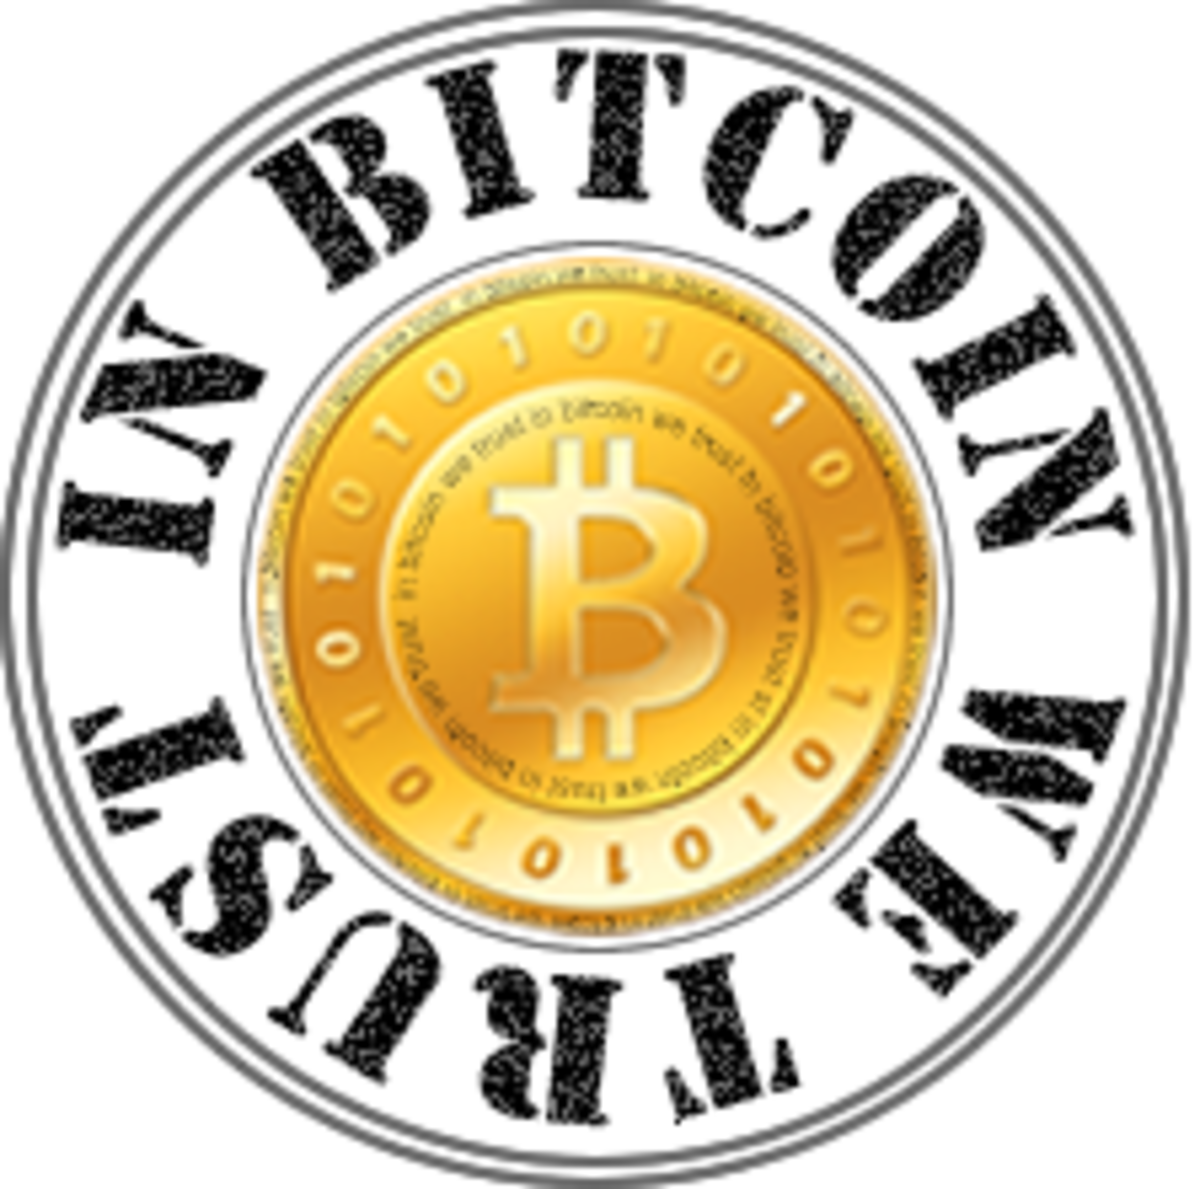 Op-ed - In Bitcoin We Trust Re-Launch